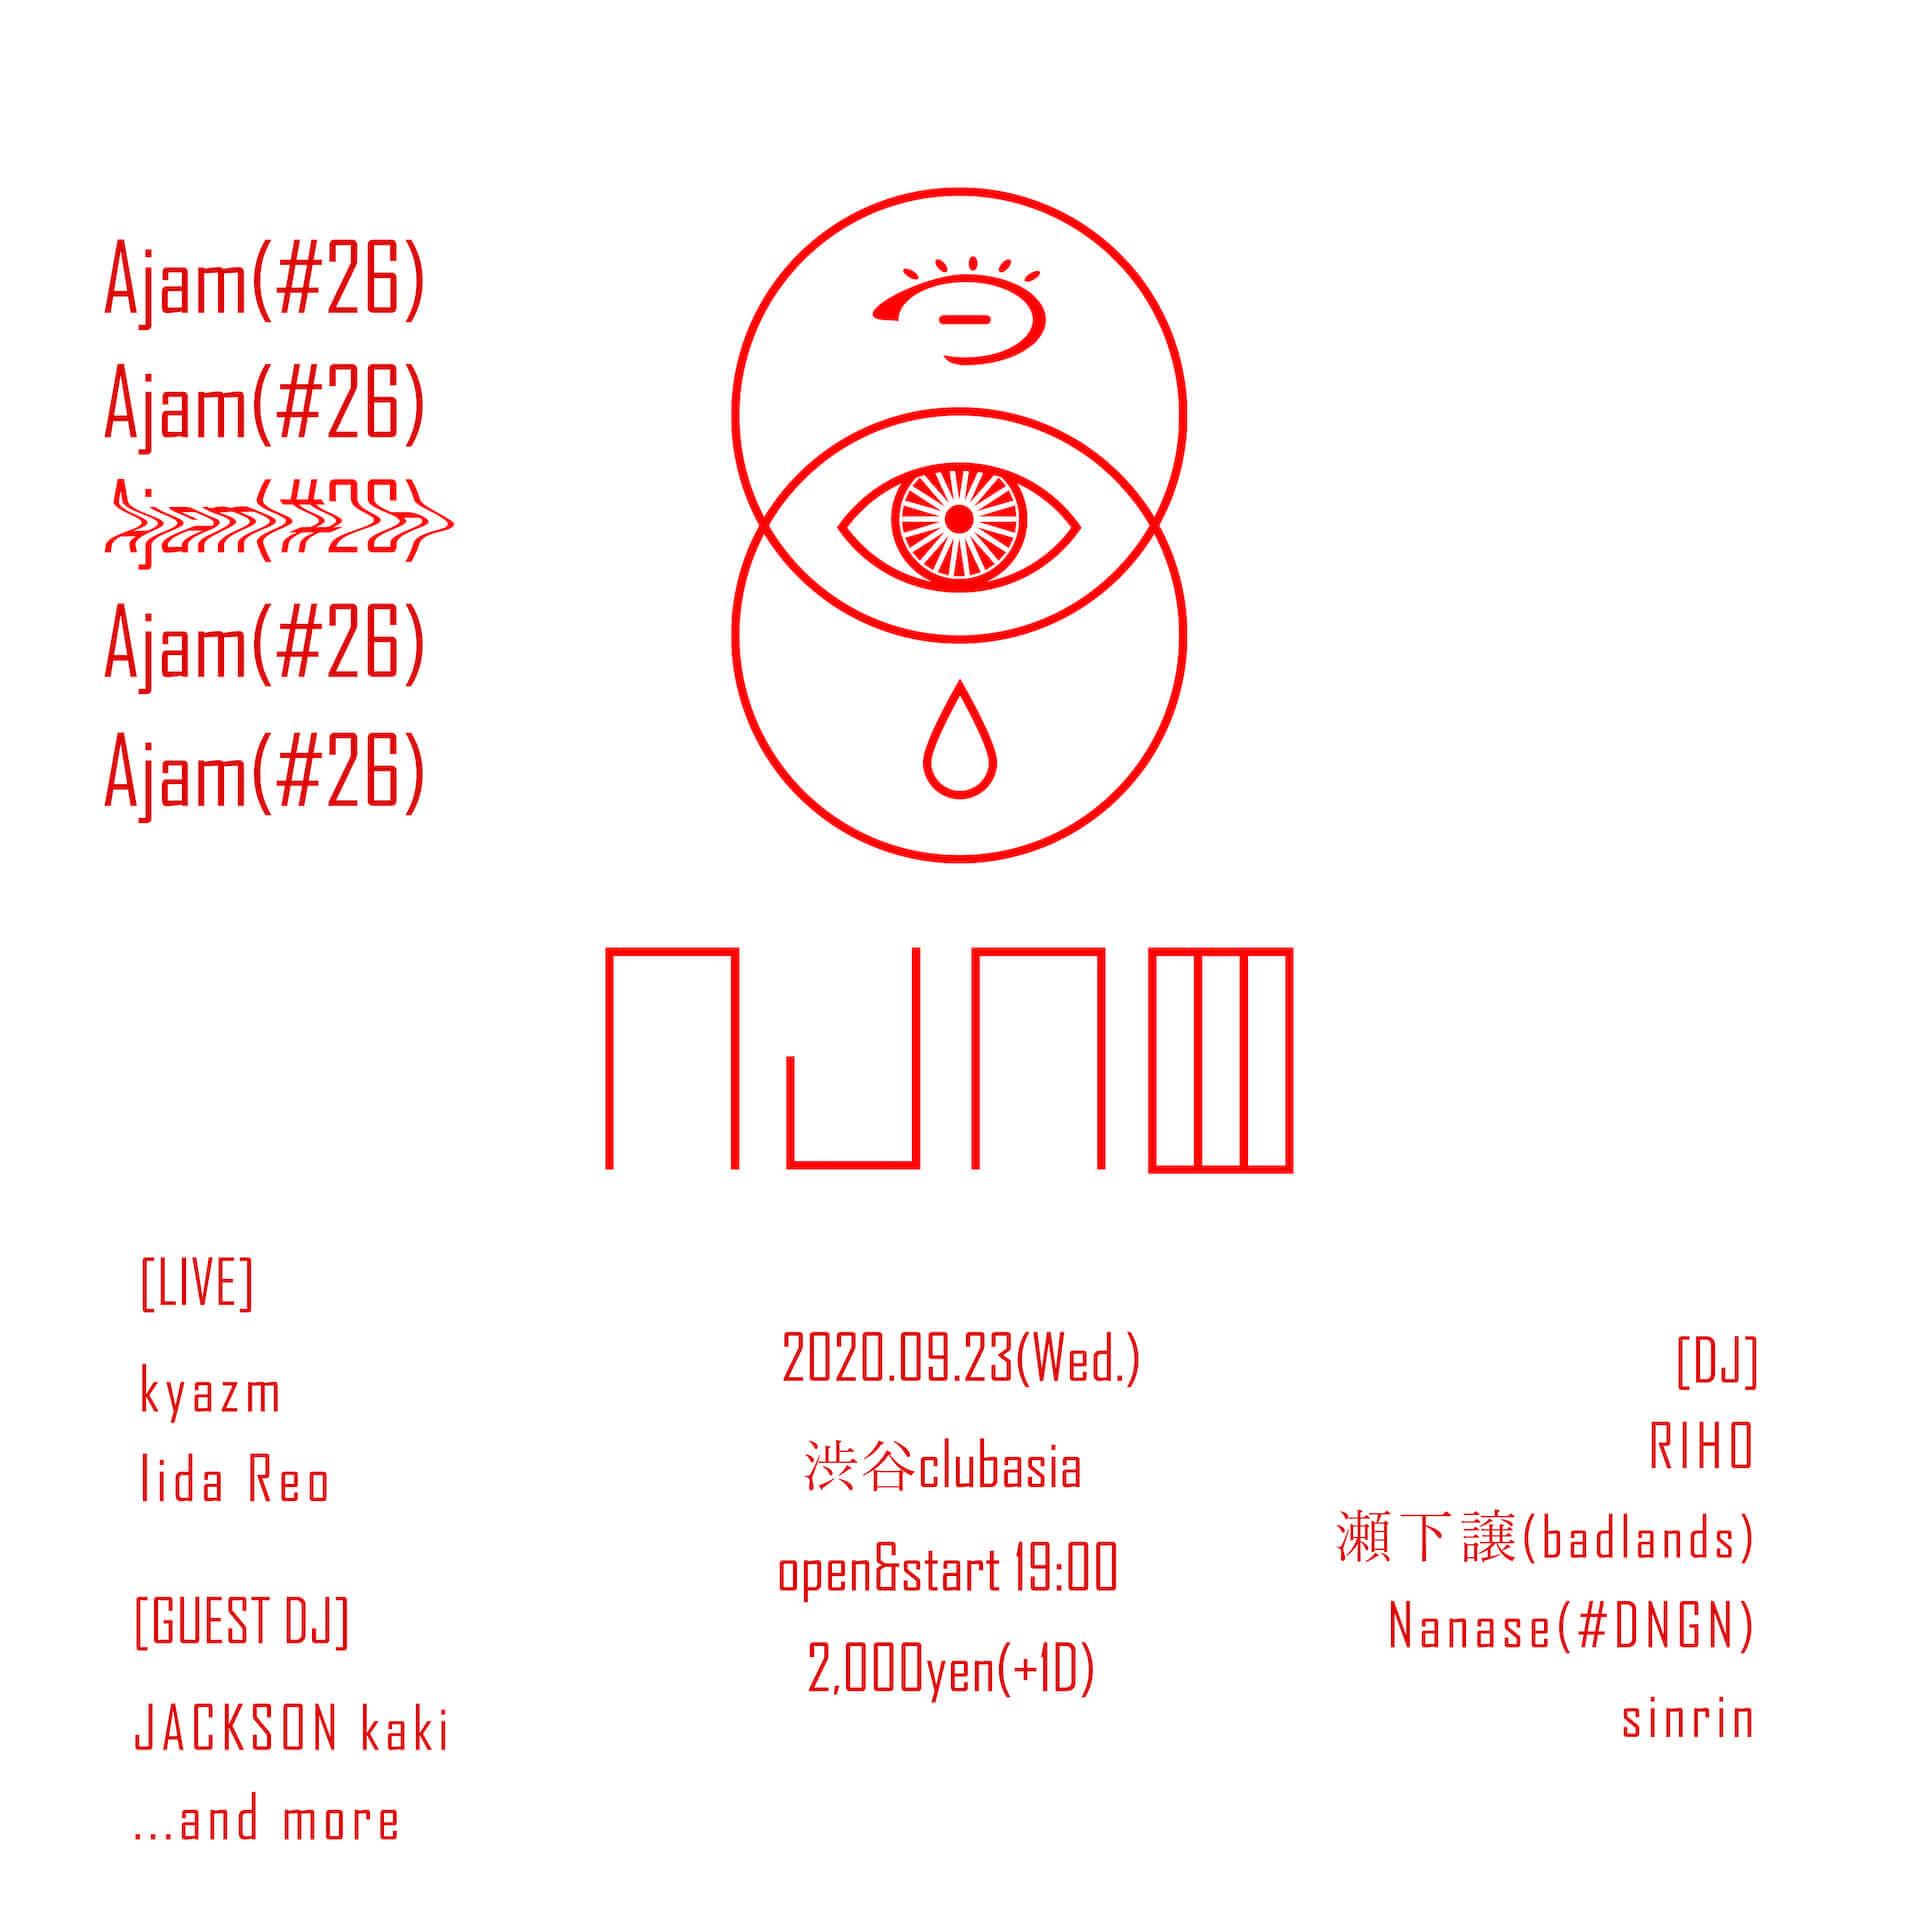 渋谷clubasiaでのロックイベント<Ajam>が新レギュラーを迎えて再始動!kyazm、Iida Reo、JACKSON kakiも出演 music2000820_clubasia-ajam_1-1920x1920